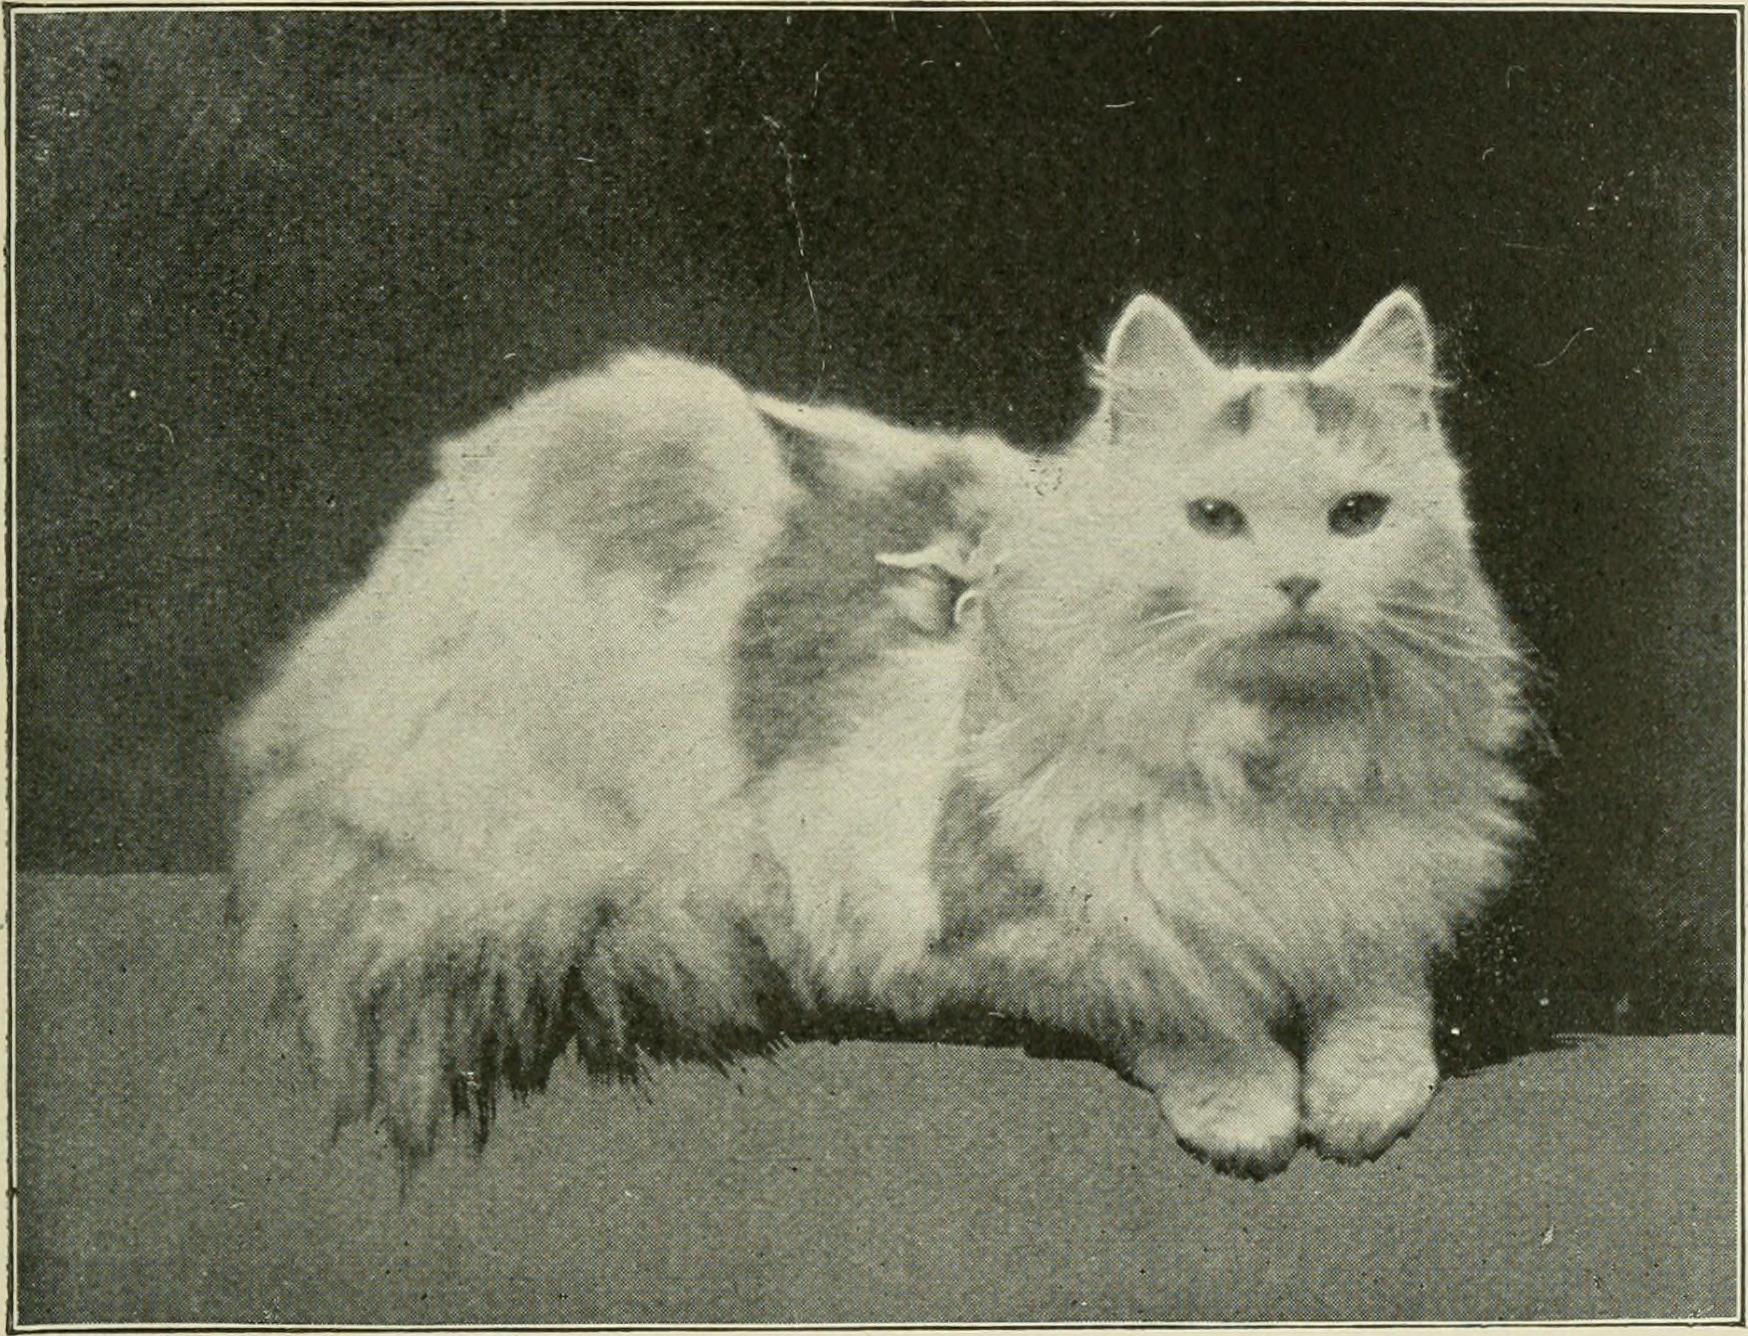 Cats, Funny cats, Sad cats, Vintage cats, Famous cats, Grumpy cat